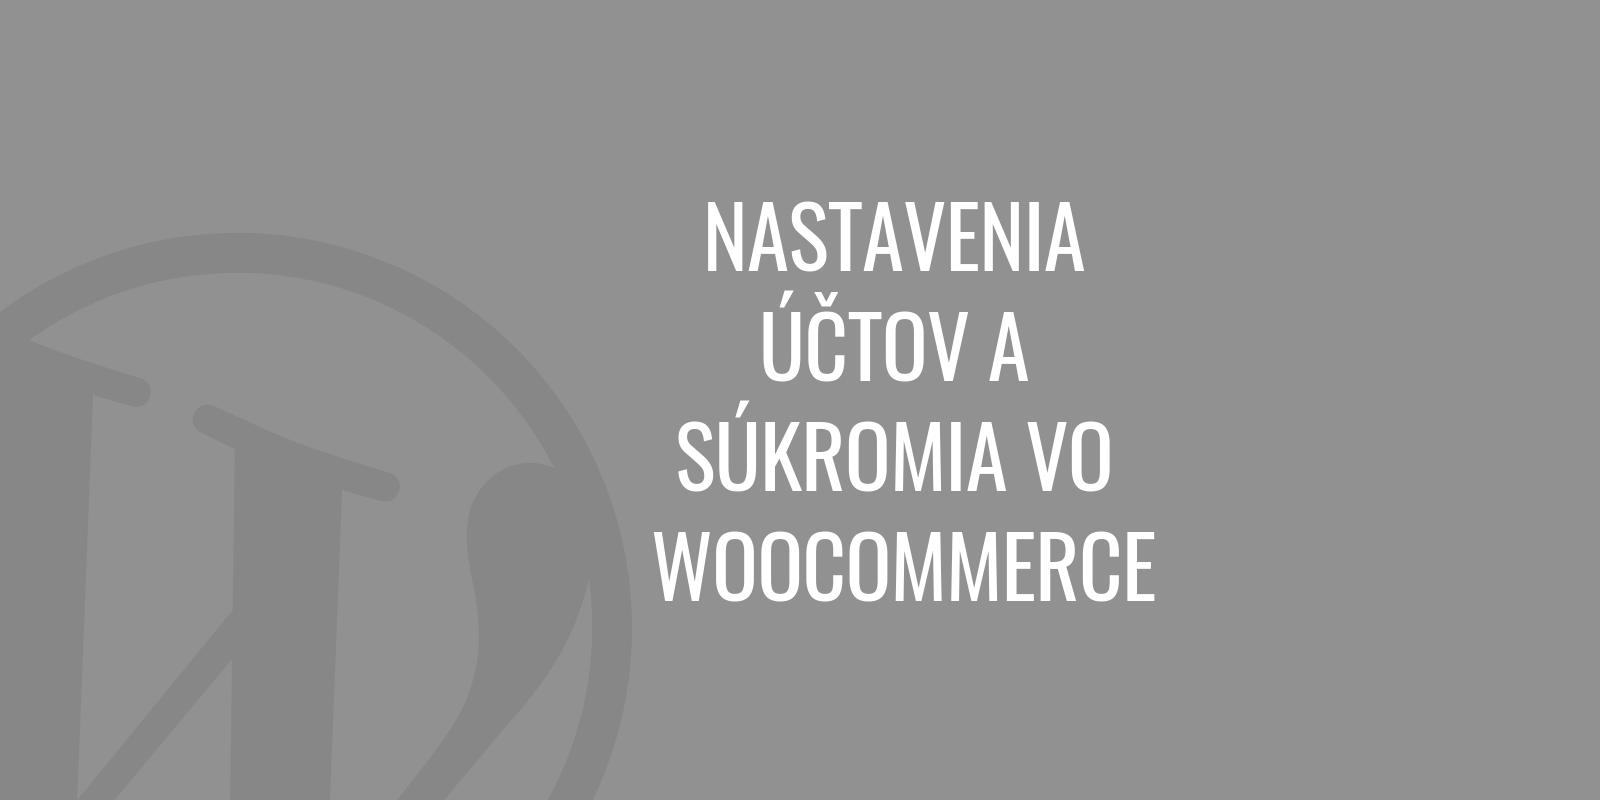 Nastavenie účtov a súkromia vo WooCommerce